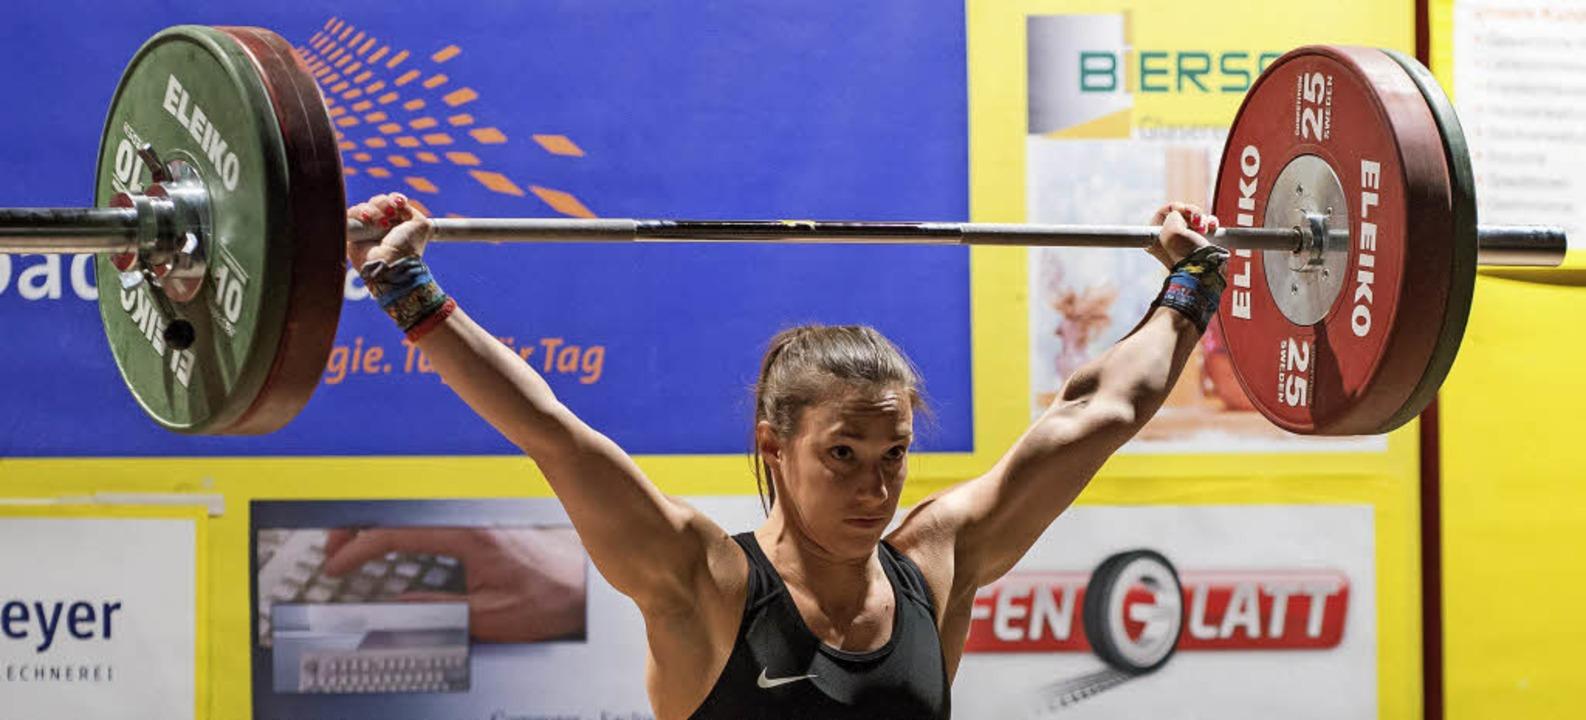 Mit mentaler Stärke nah an der Bestlei...Debüt in der Haagener Schlossberghalle  | Foto: Markus Schächtele